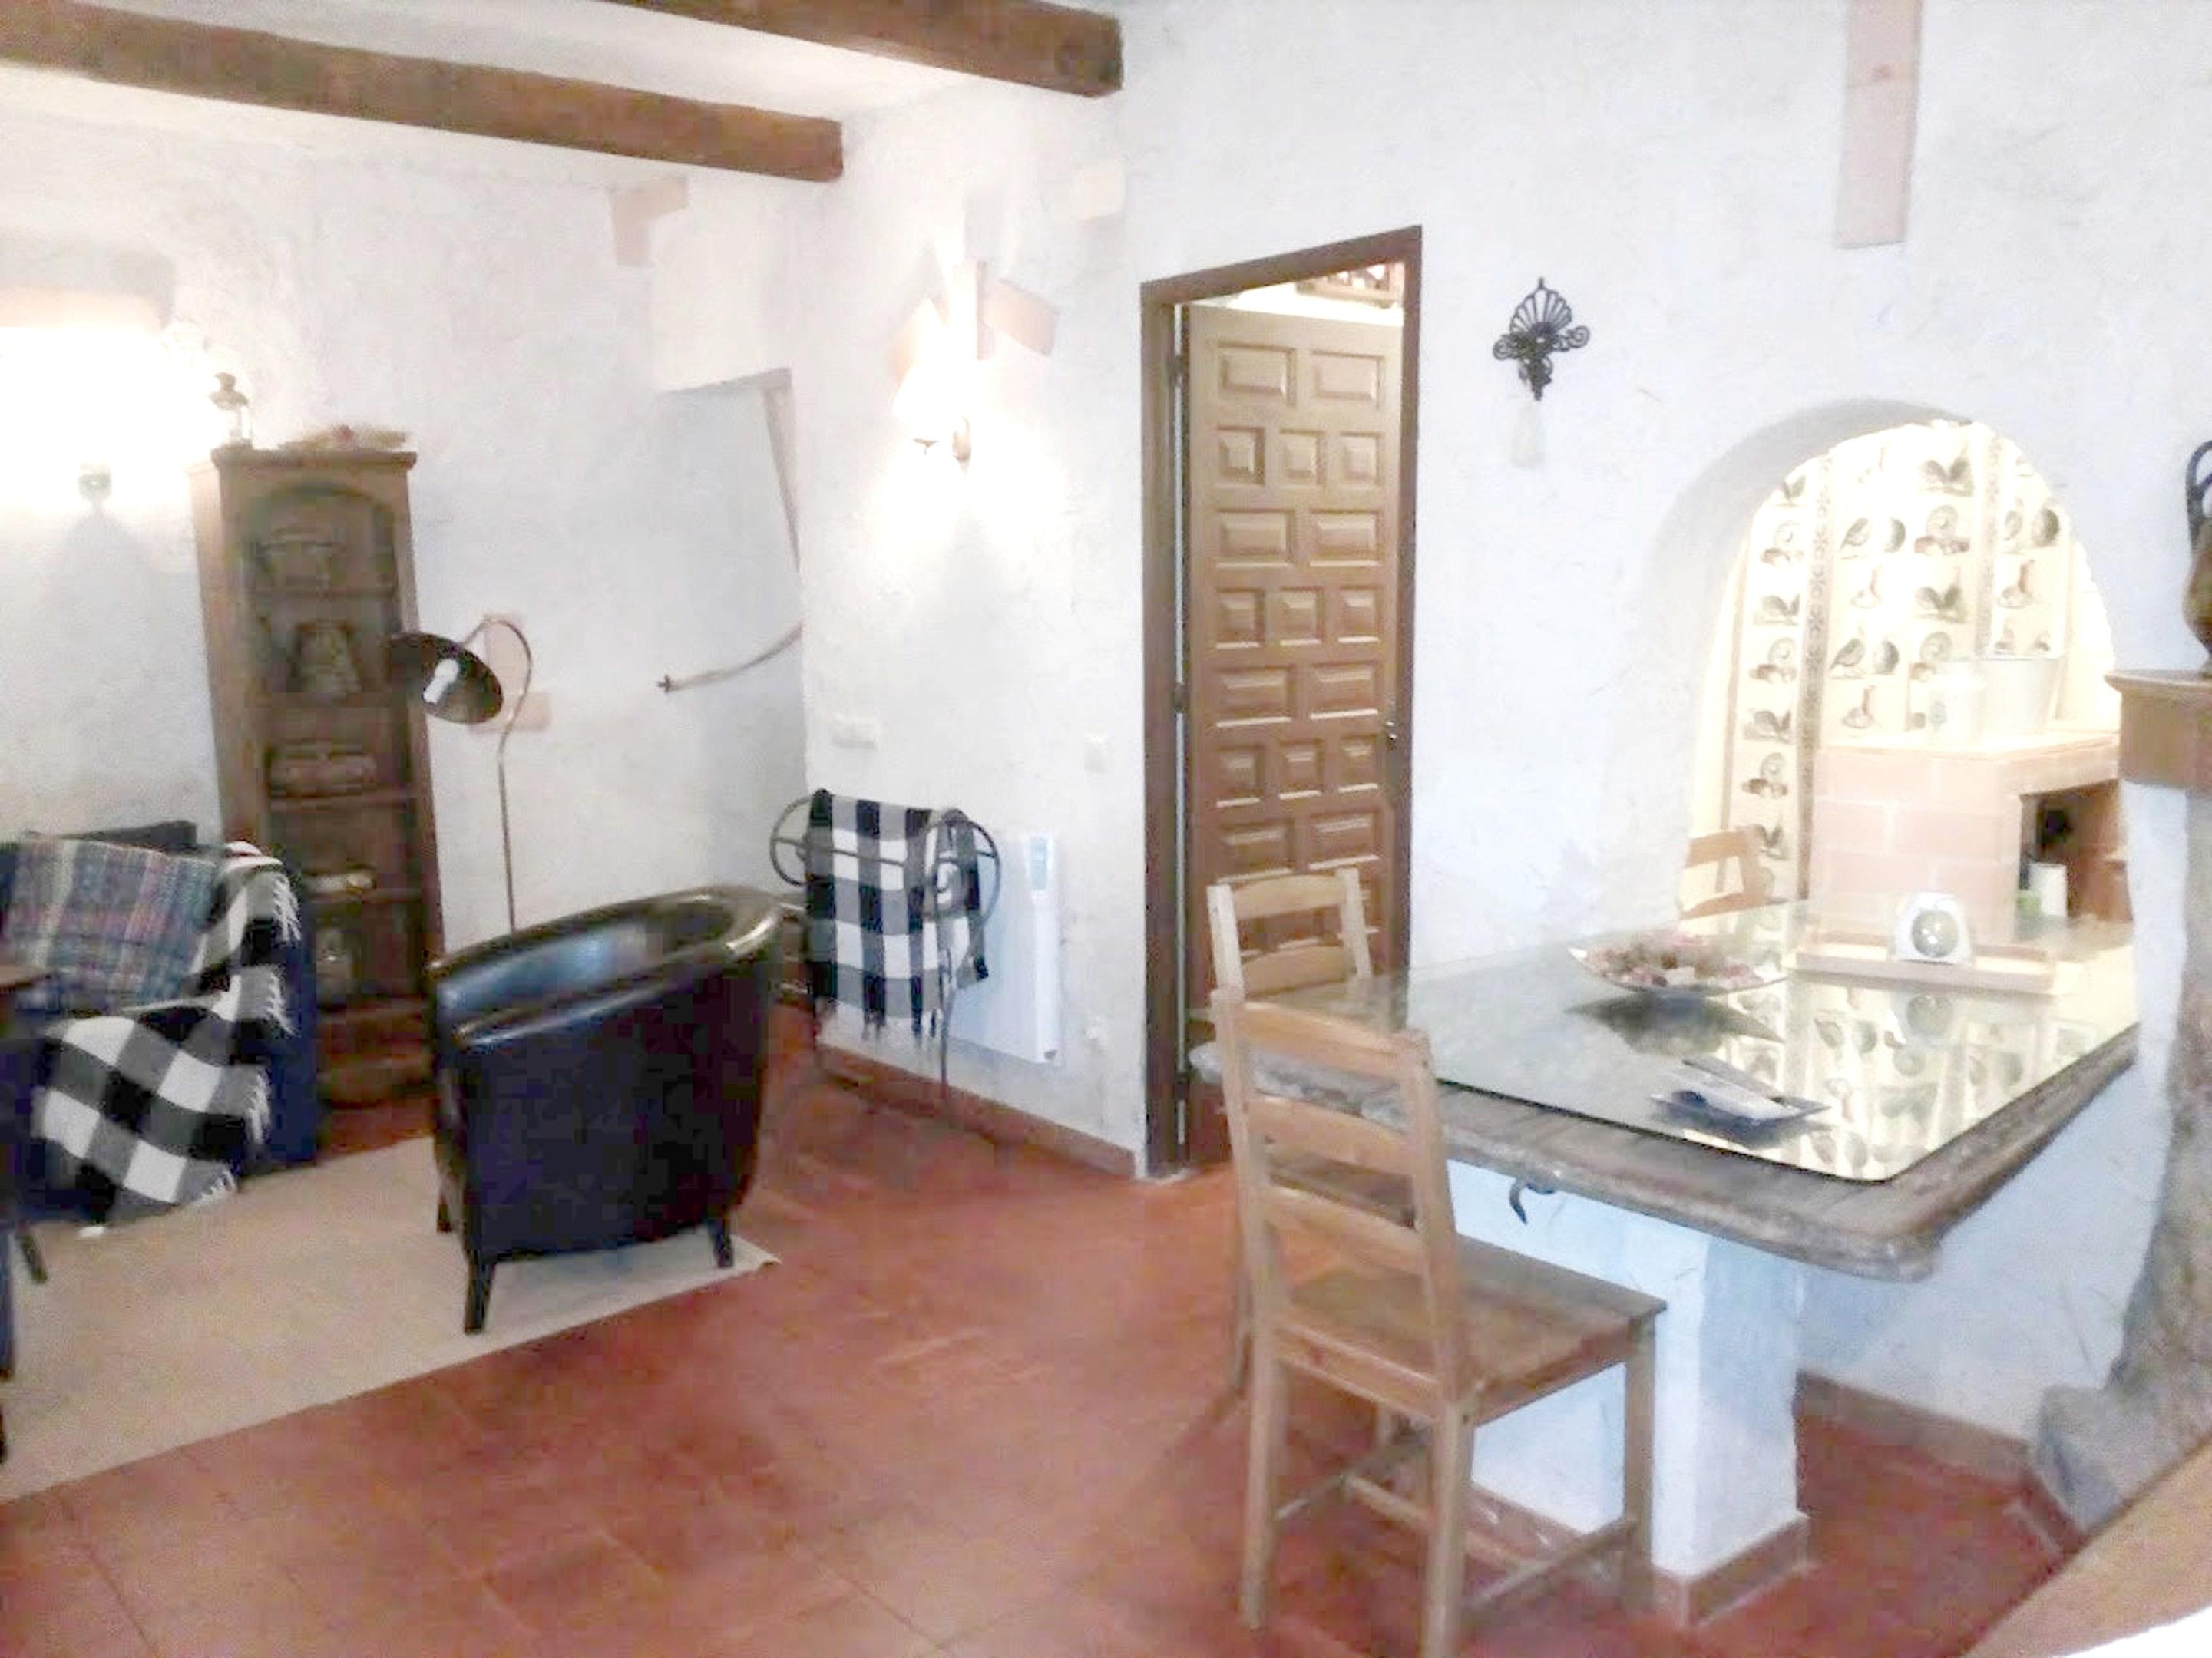 Ferienhaus Haus mit 2 Schlafzimmern in Bernuy mit möbliertem Garten (2202172), Bernuy, Toledo, Kastilien-La Mancha, Spanien, Bild 2